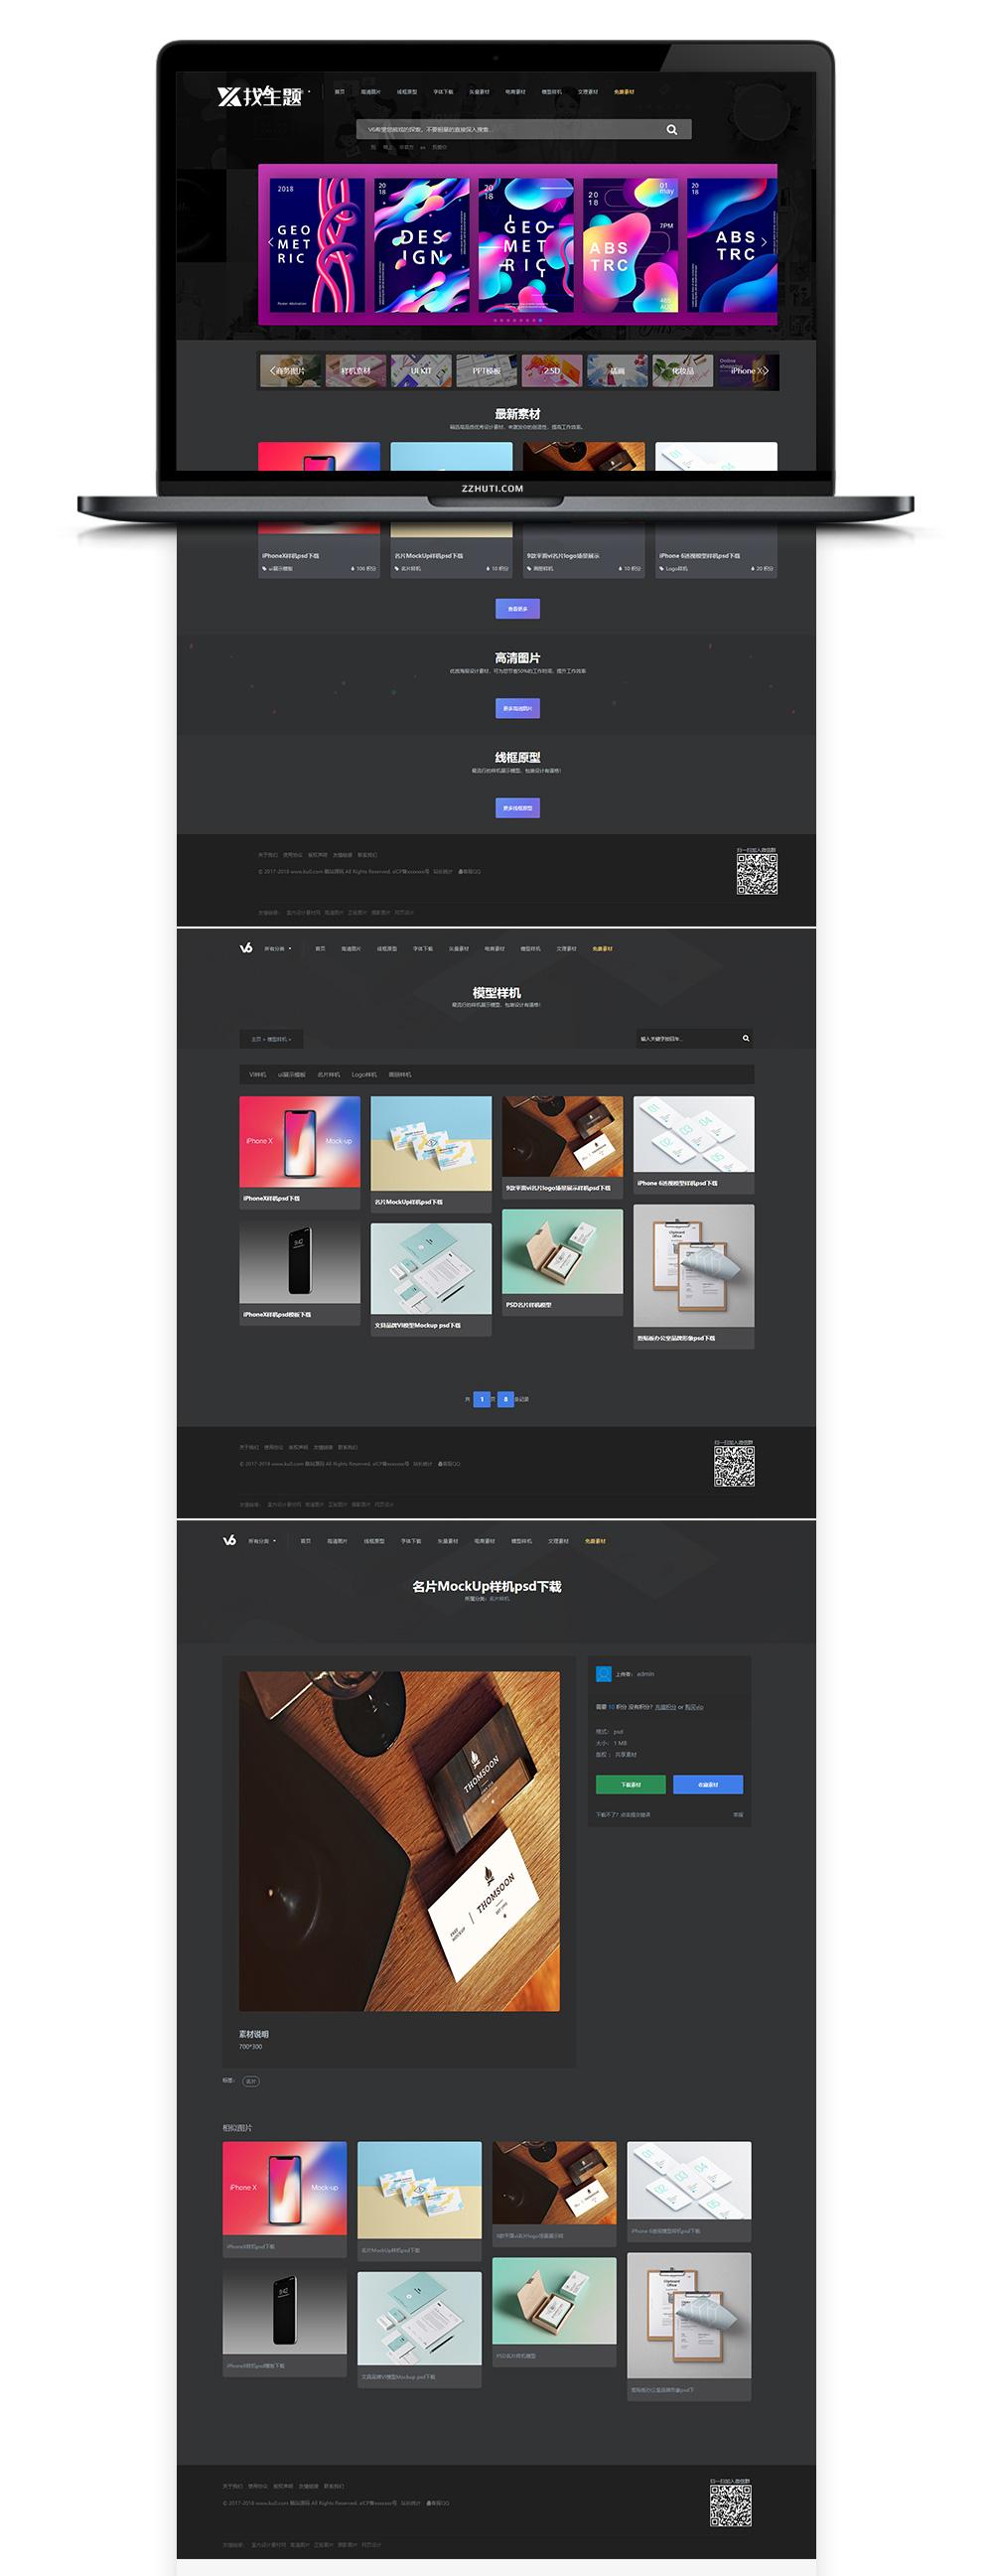 【织梦素材下载行业模板】最新版织梦黑色大气仿v6design图片素材设计类下载站模板-找主题源码